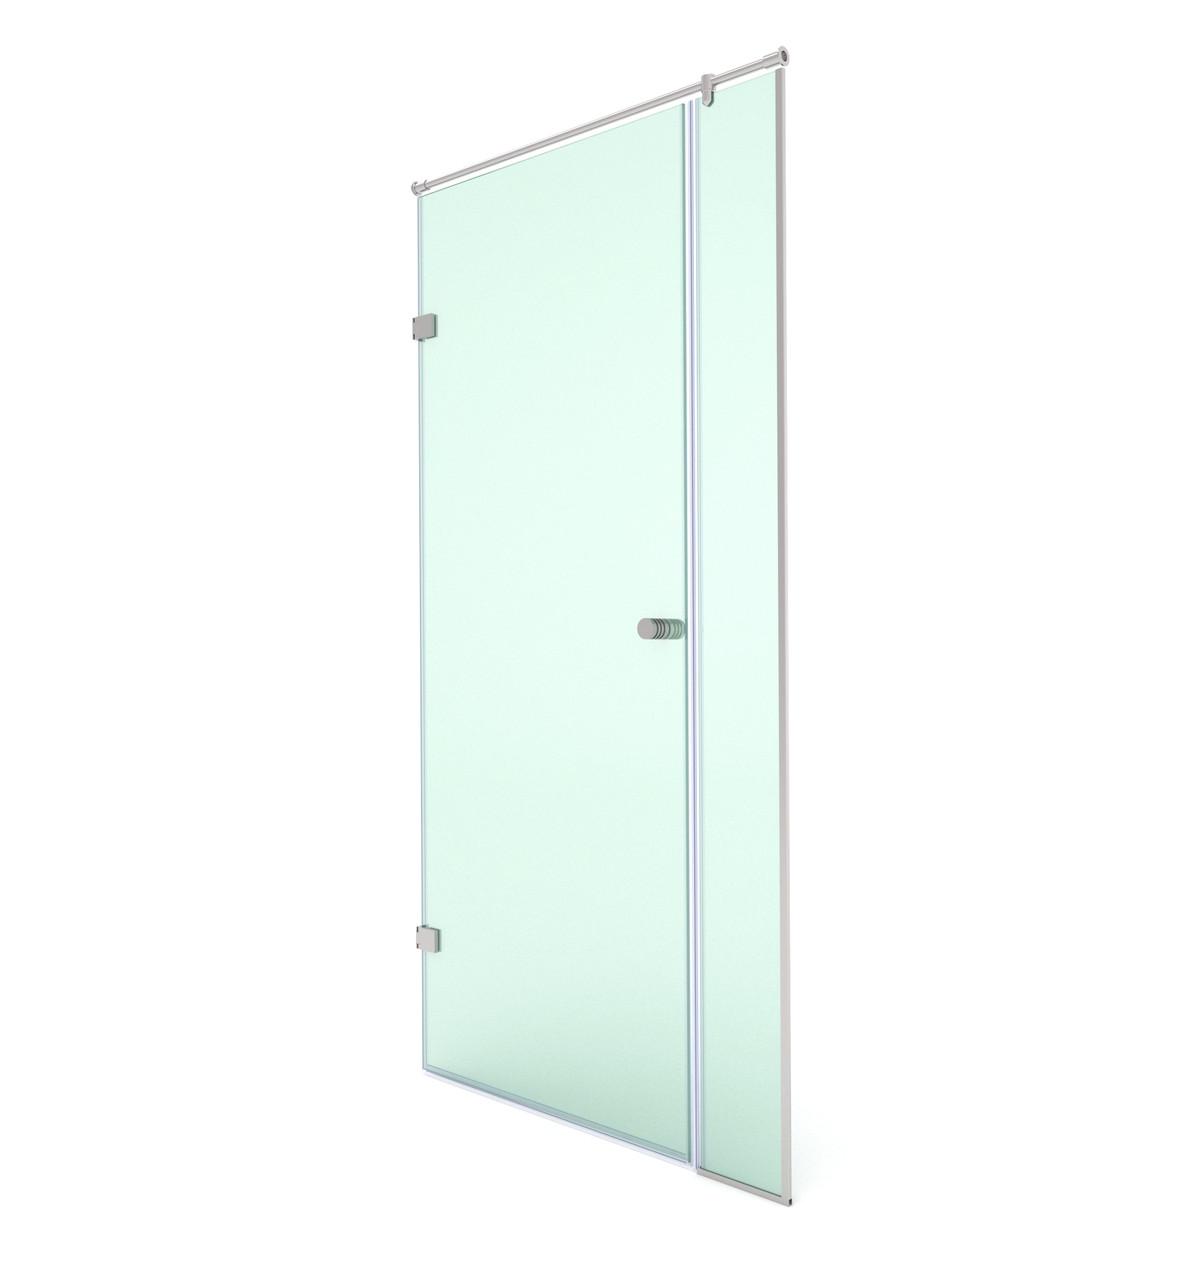 Стеклянные двери для душевой, модели SD-02-10